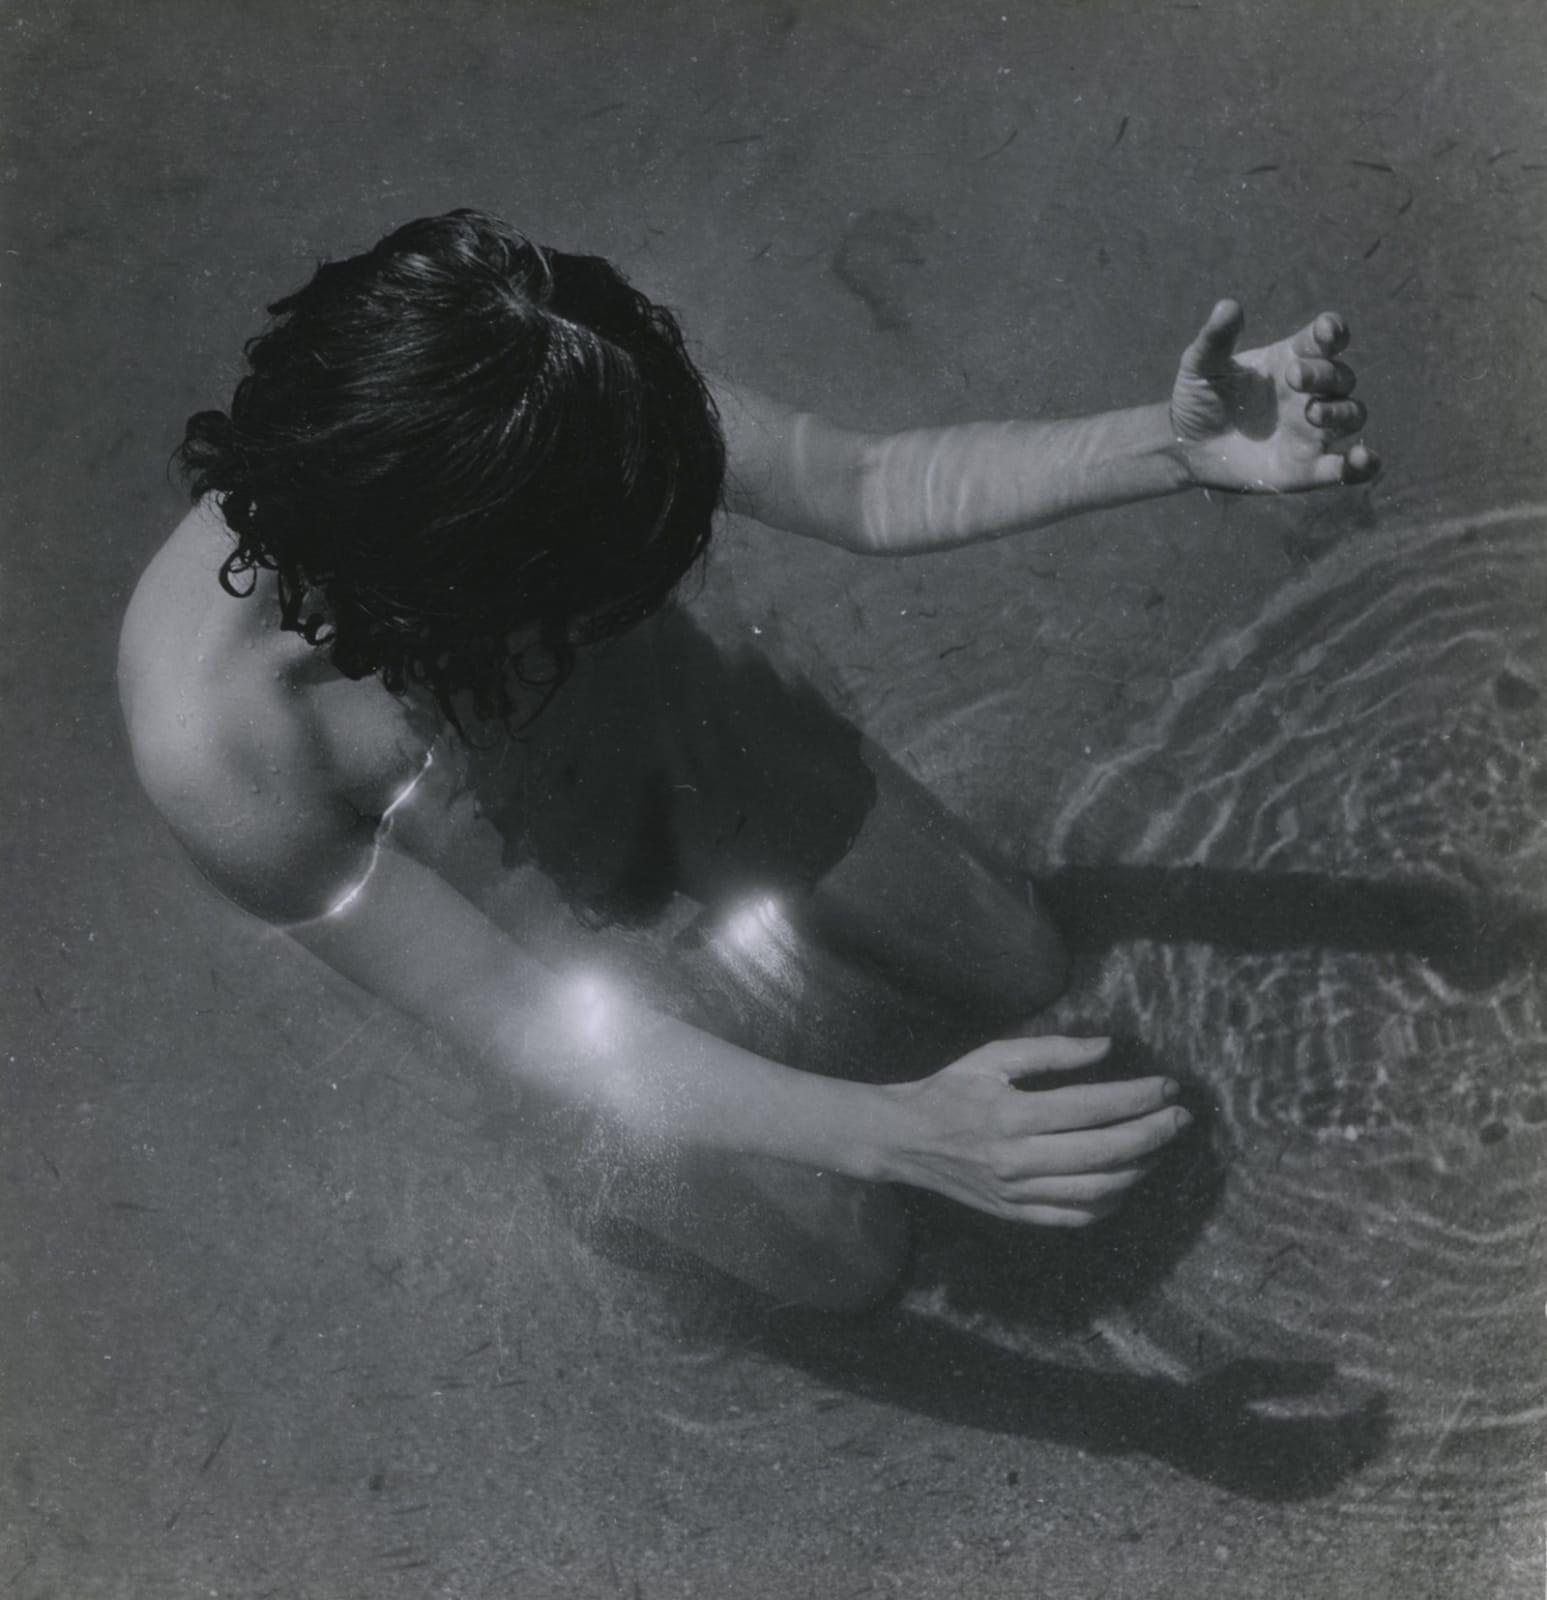 Pierre Boucher Sans titre Tirage gélatino-argentique d'époque 21,3 x 20,3 cm Dim. papier: 21,3 x 20,3 cm